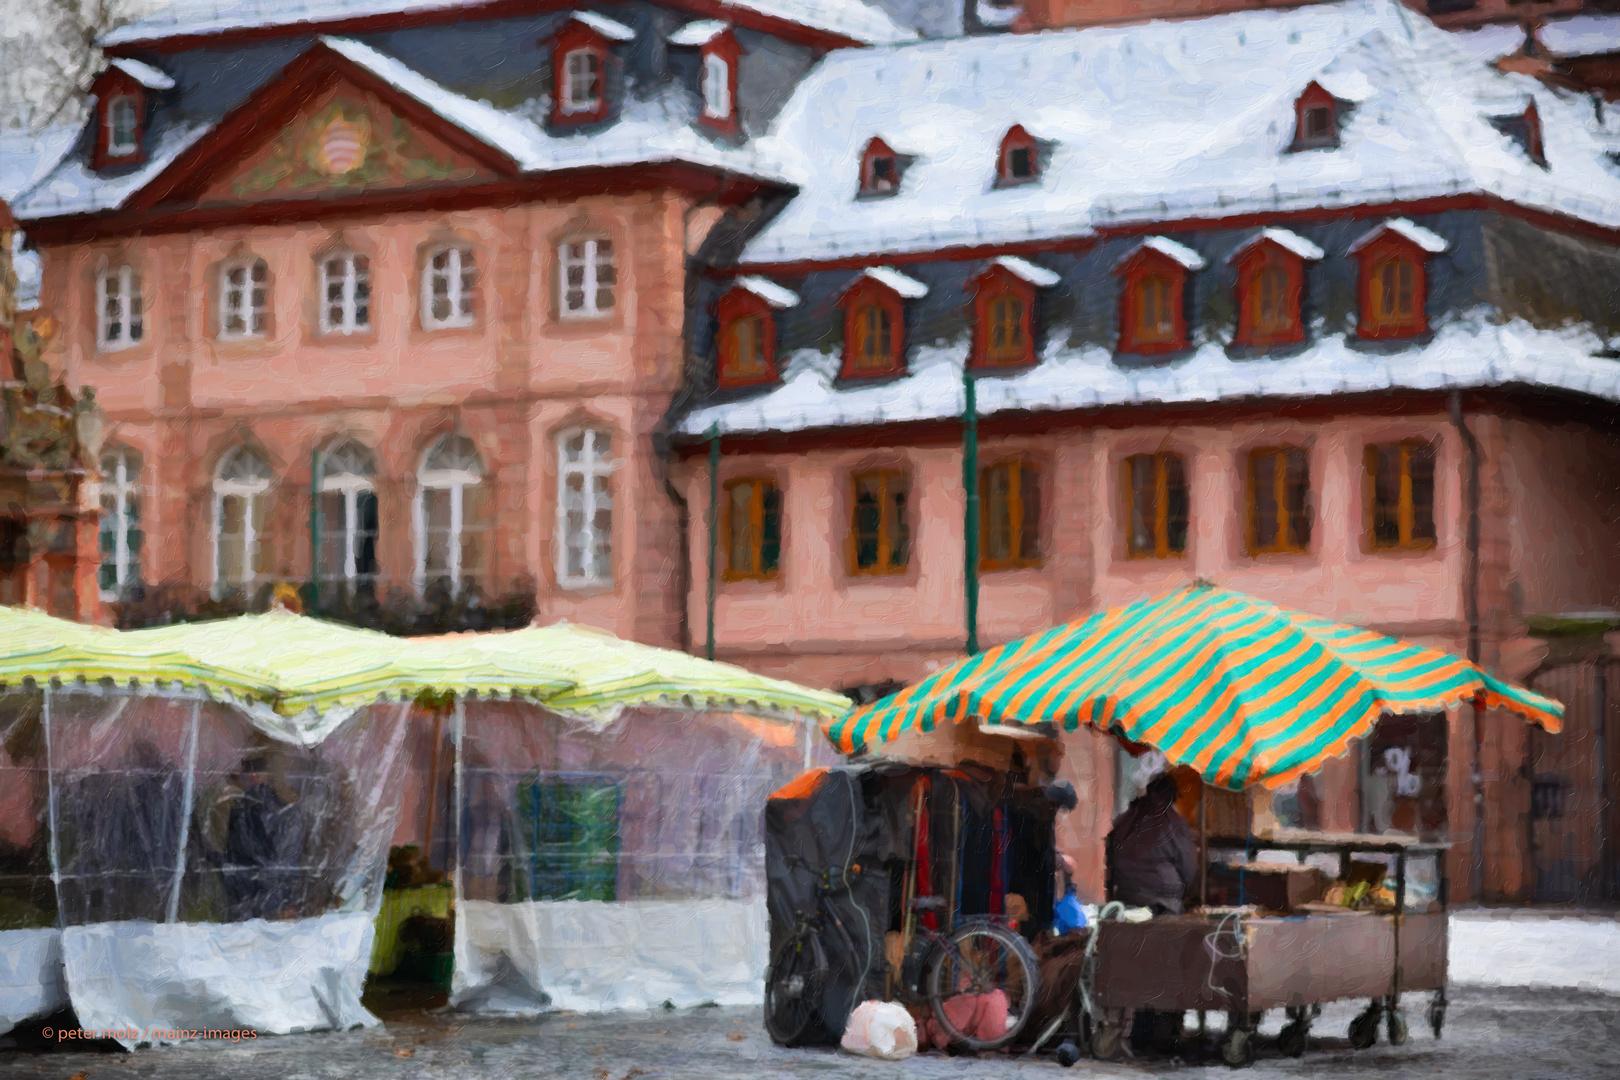 Mainz - Wochenmarkt auf dem Markplatz im Winter / farmers market in winter